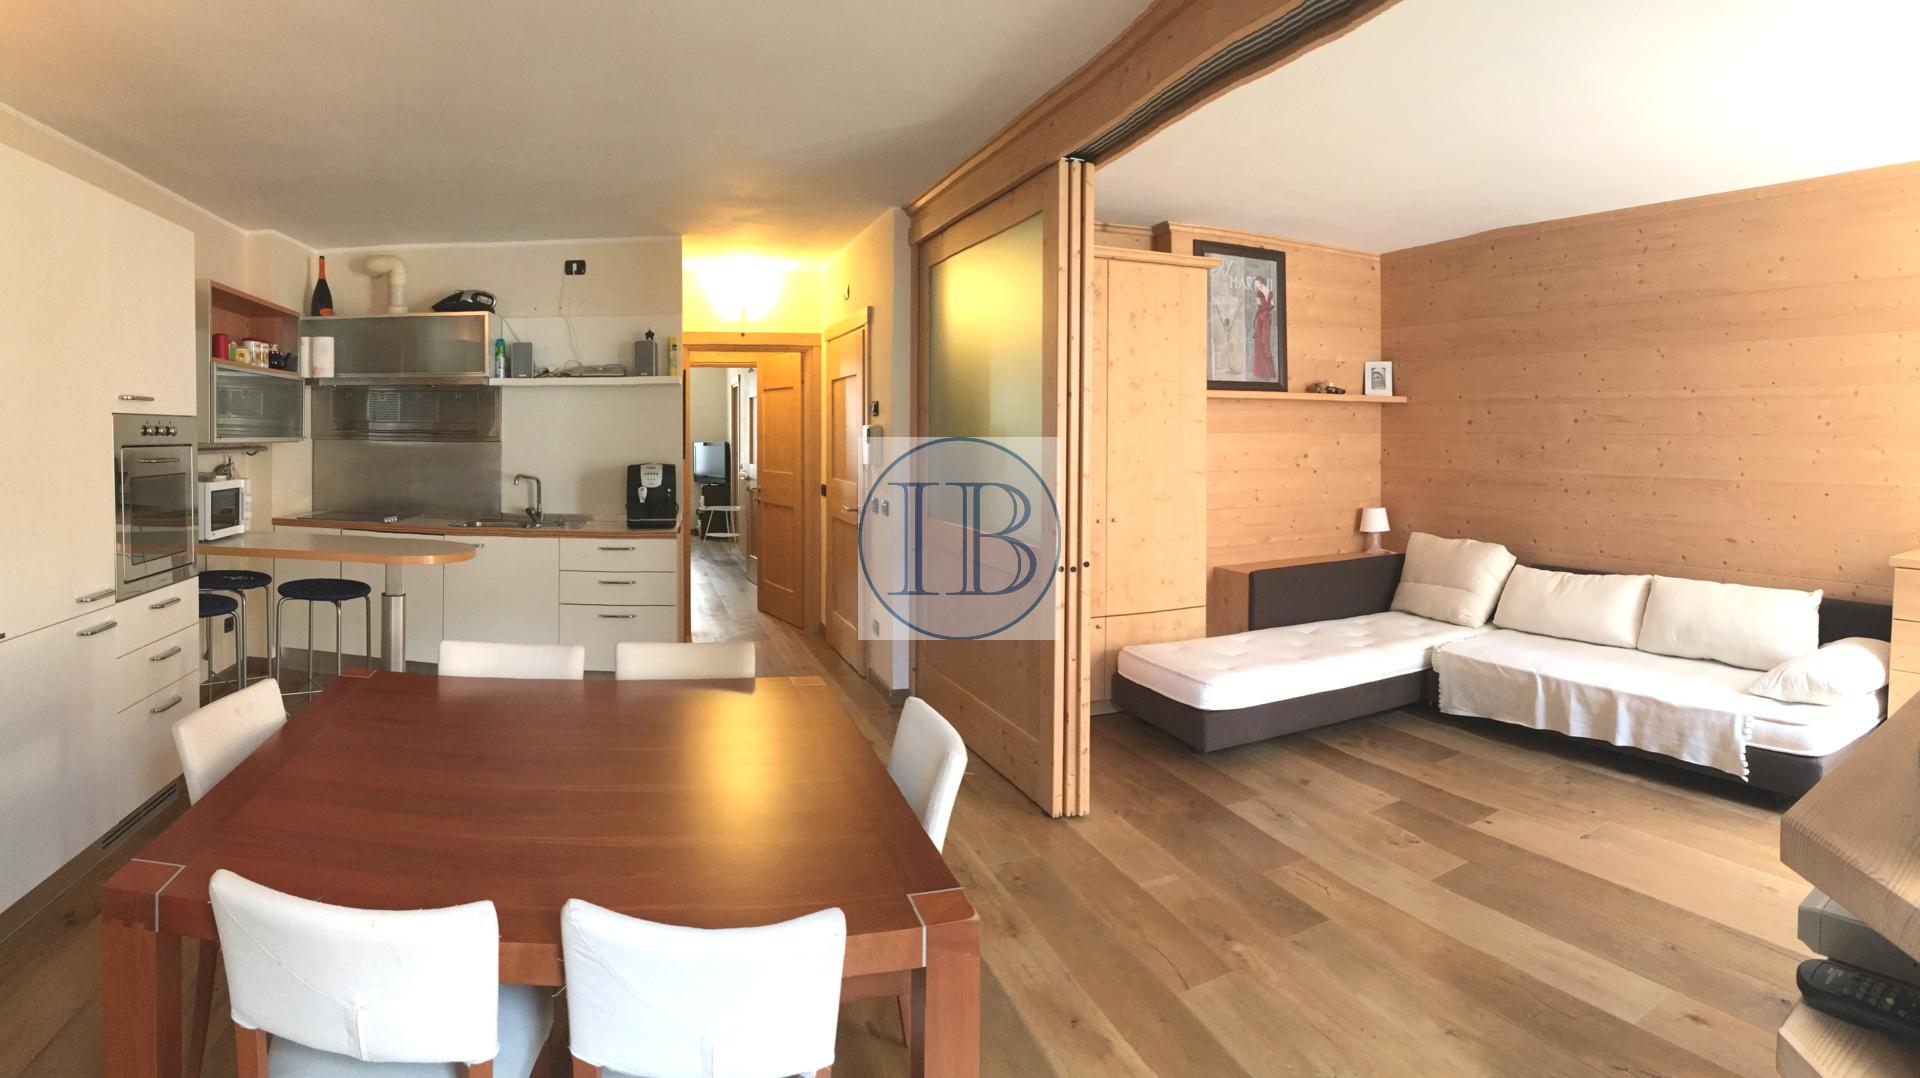 Appartamento ben arredato nel centro storico di Bormio